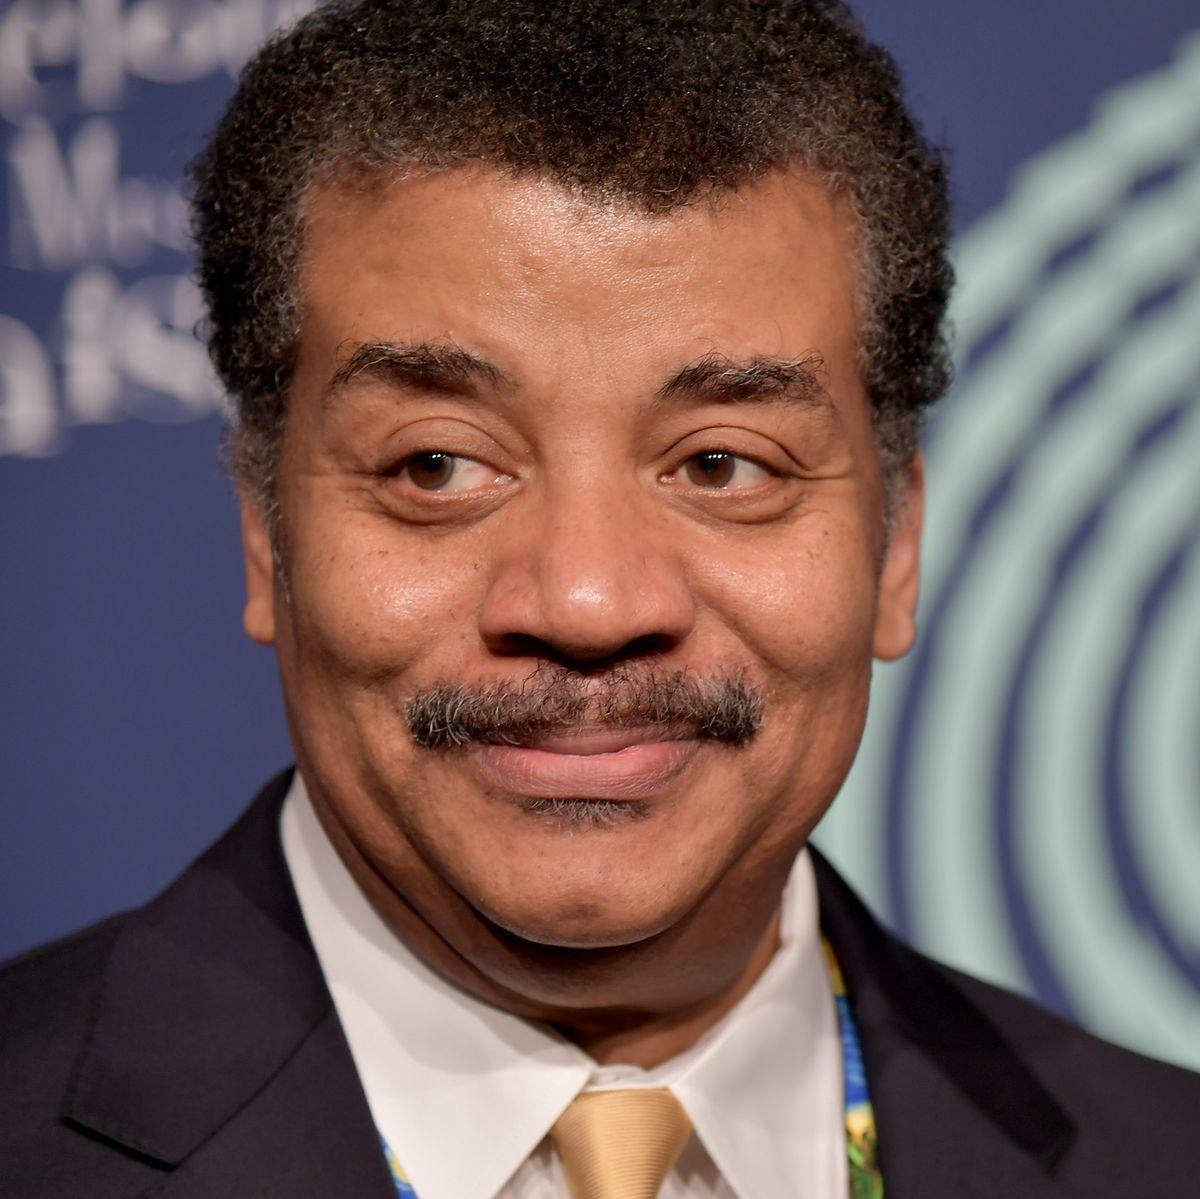 Neil deGrasse Tyson (physicist)